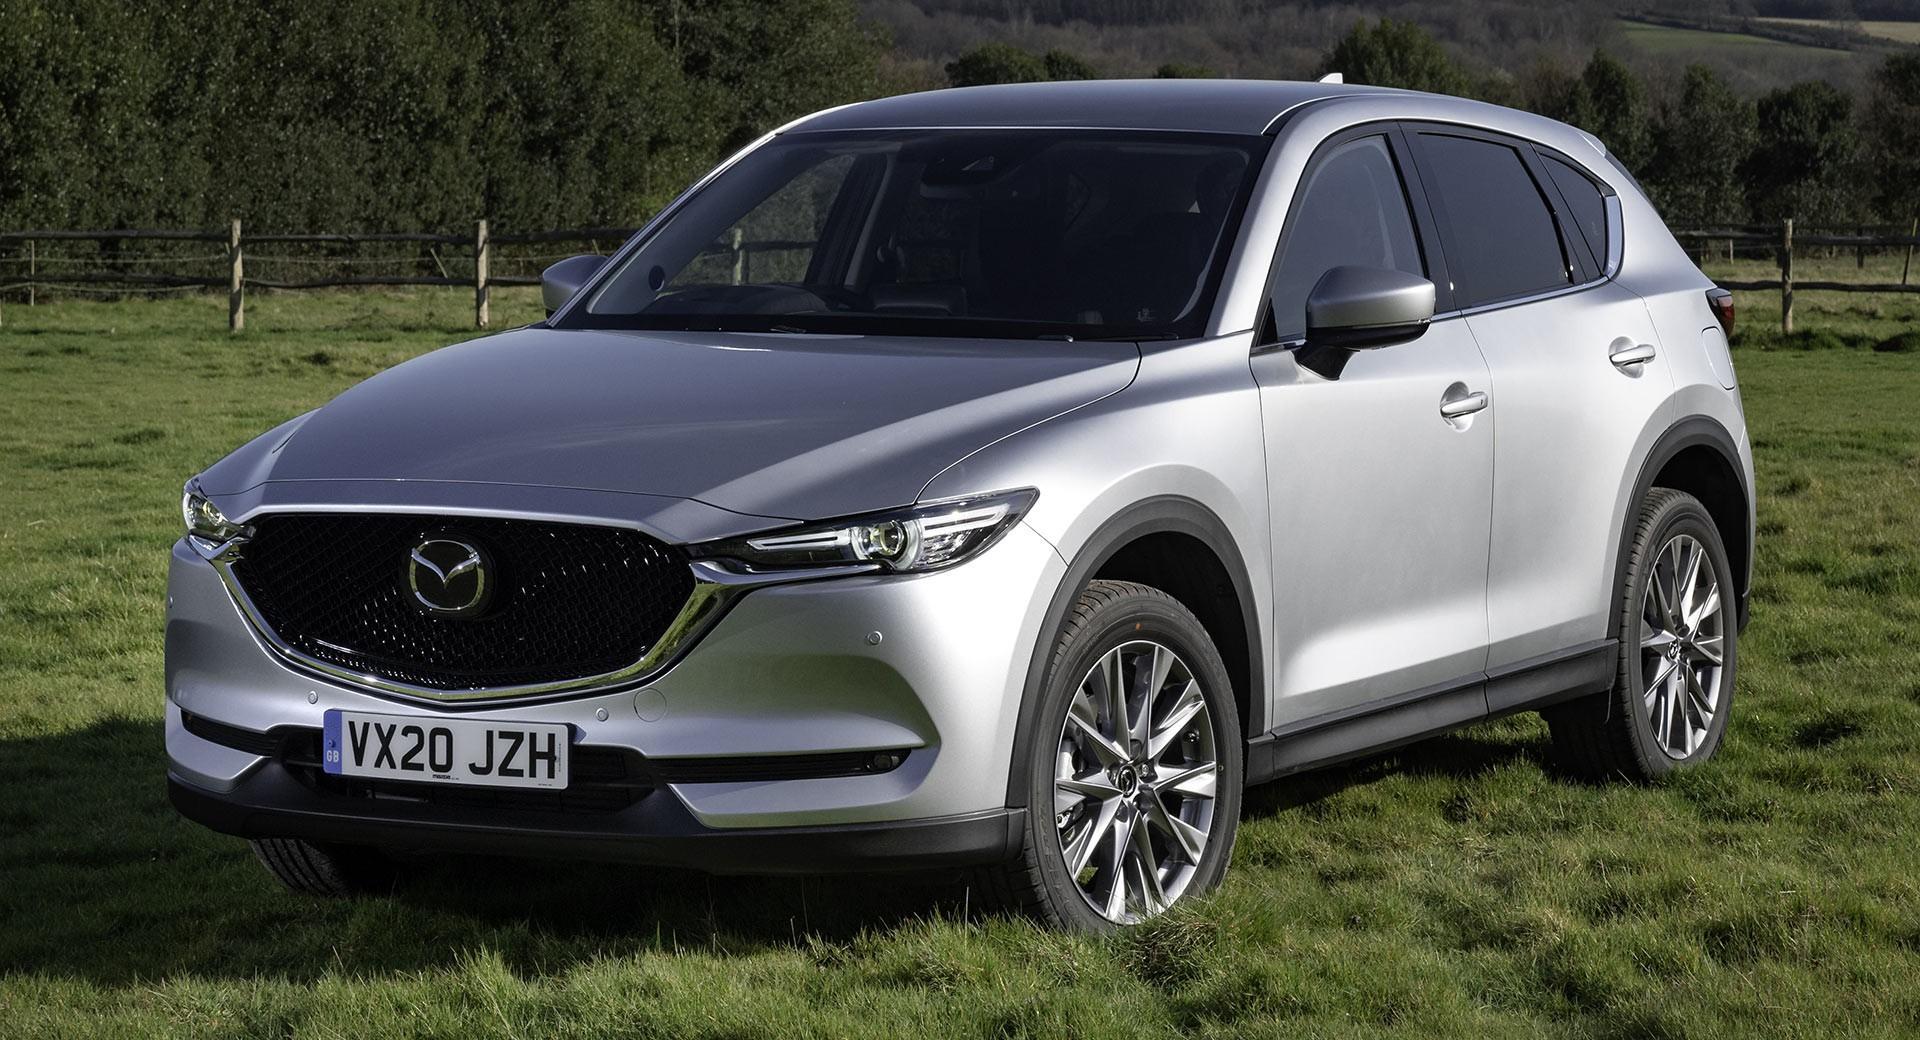 Mazda CX-5 thế hệ mới 'dấn thân' thị trường xe cao cấp? Ảnh 1